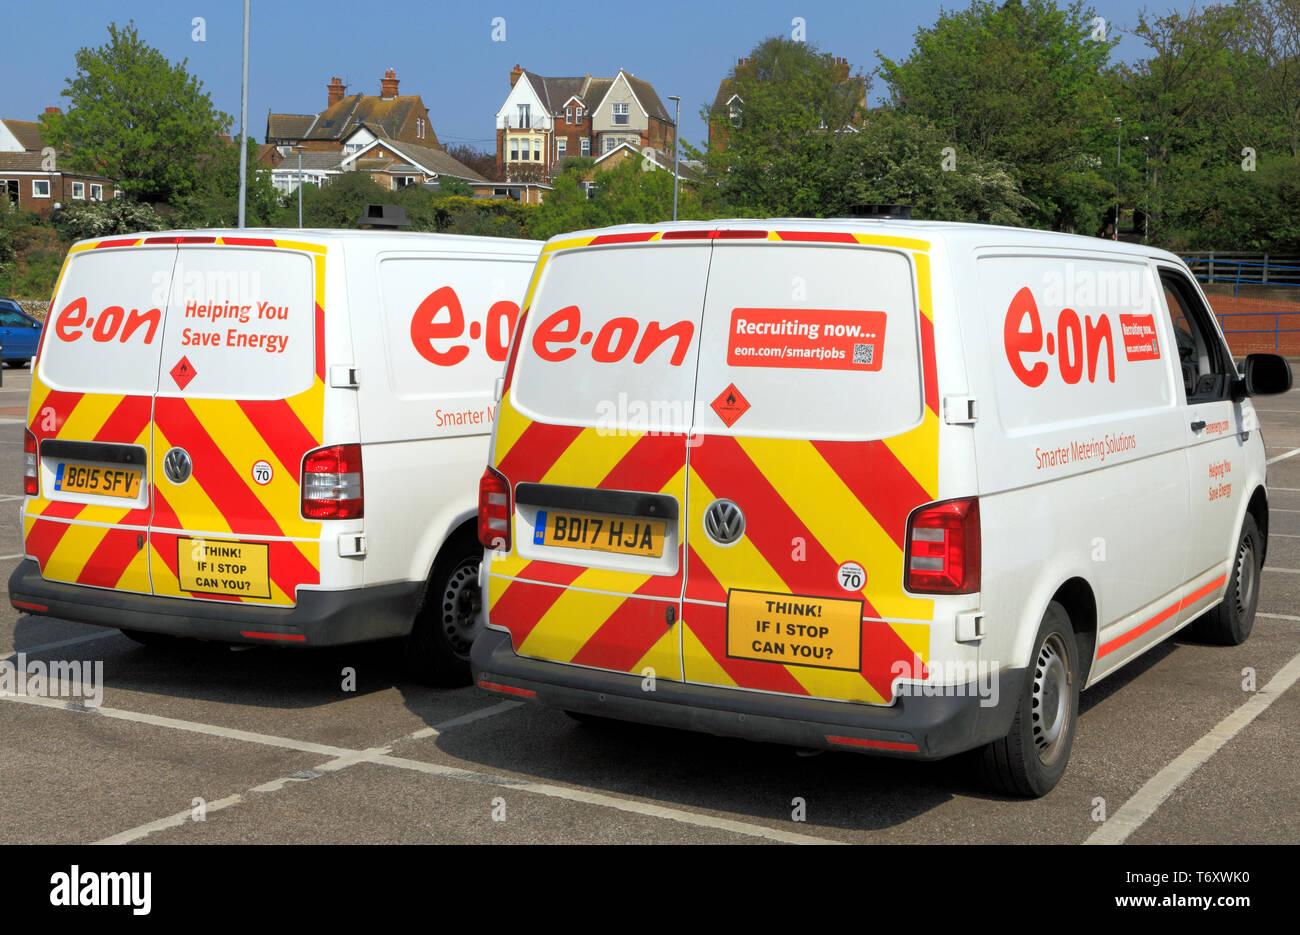 E.on, E.ON. L'électricité, le fournisseur, UK, van, véhicule Photo Stock